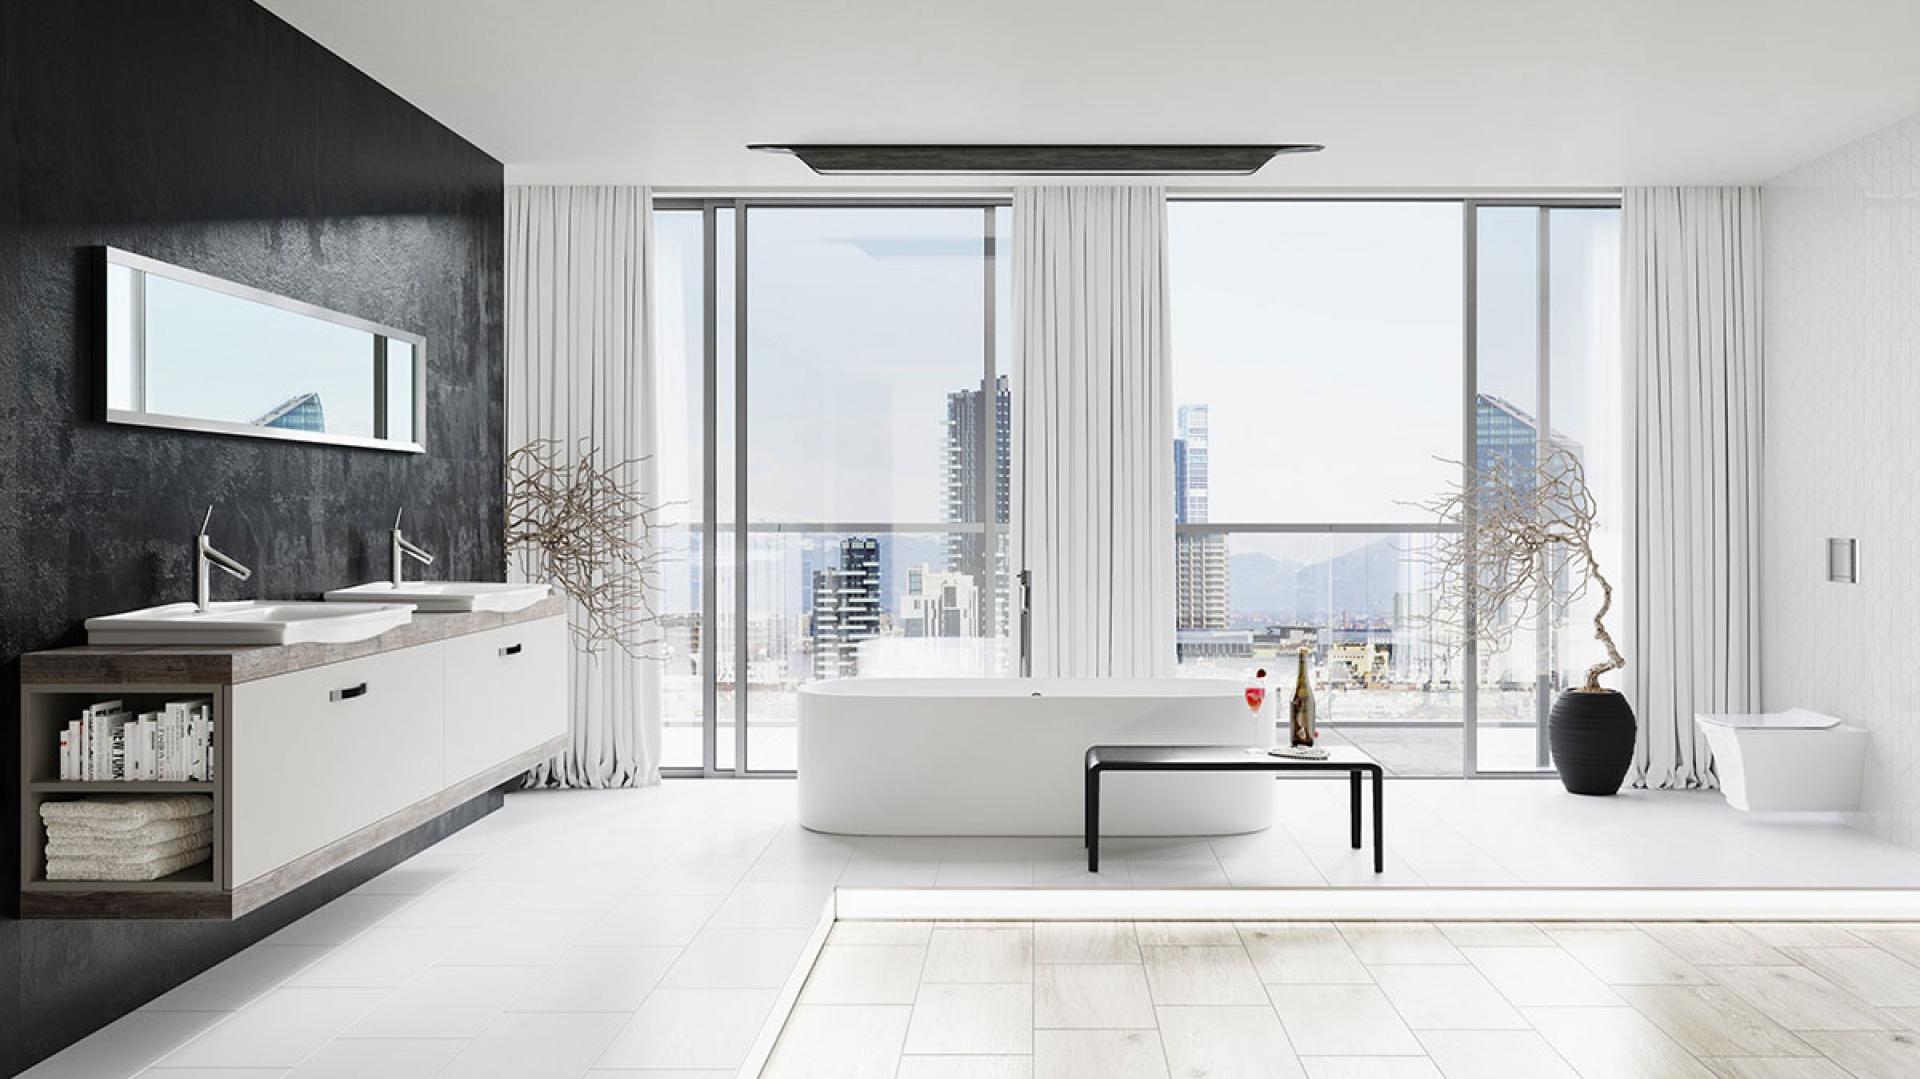 Szafka pod umywalkę w stylu retro, jako praktyczne i stylowe rozwiązanie do łazienki.